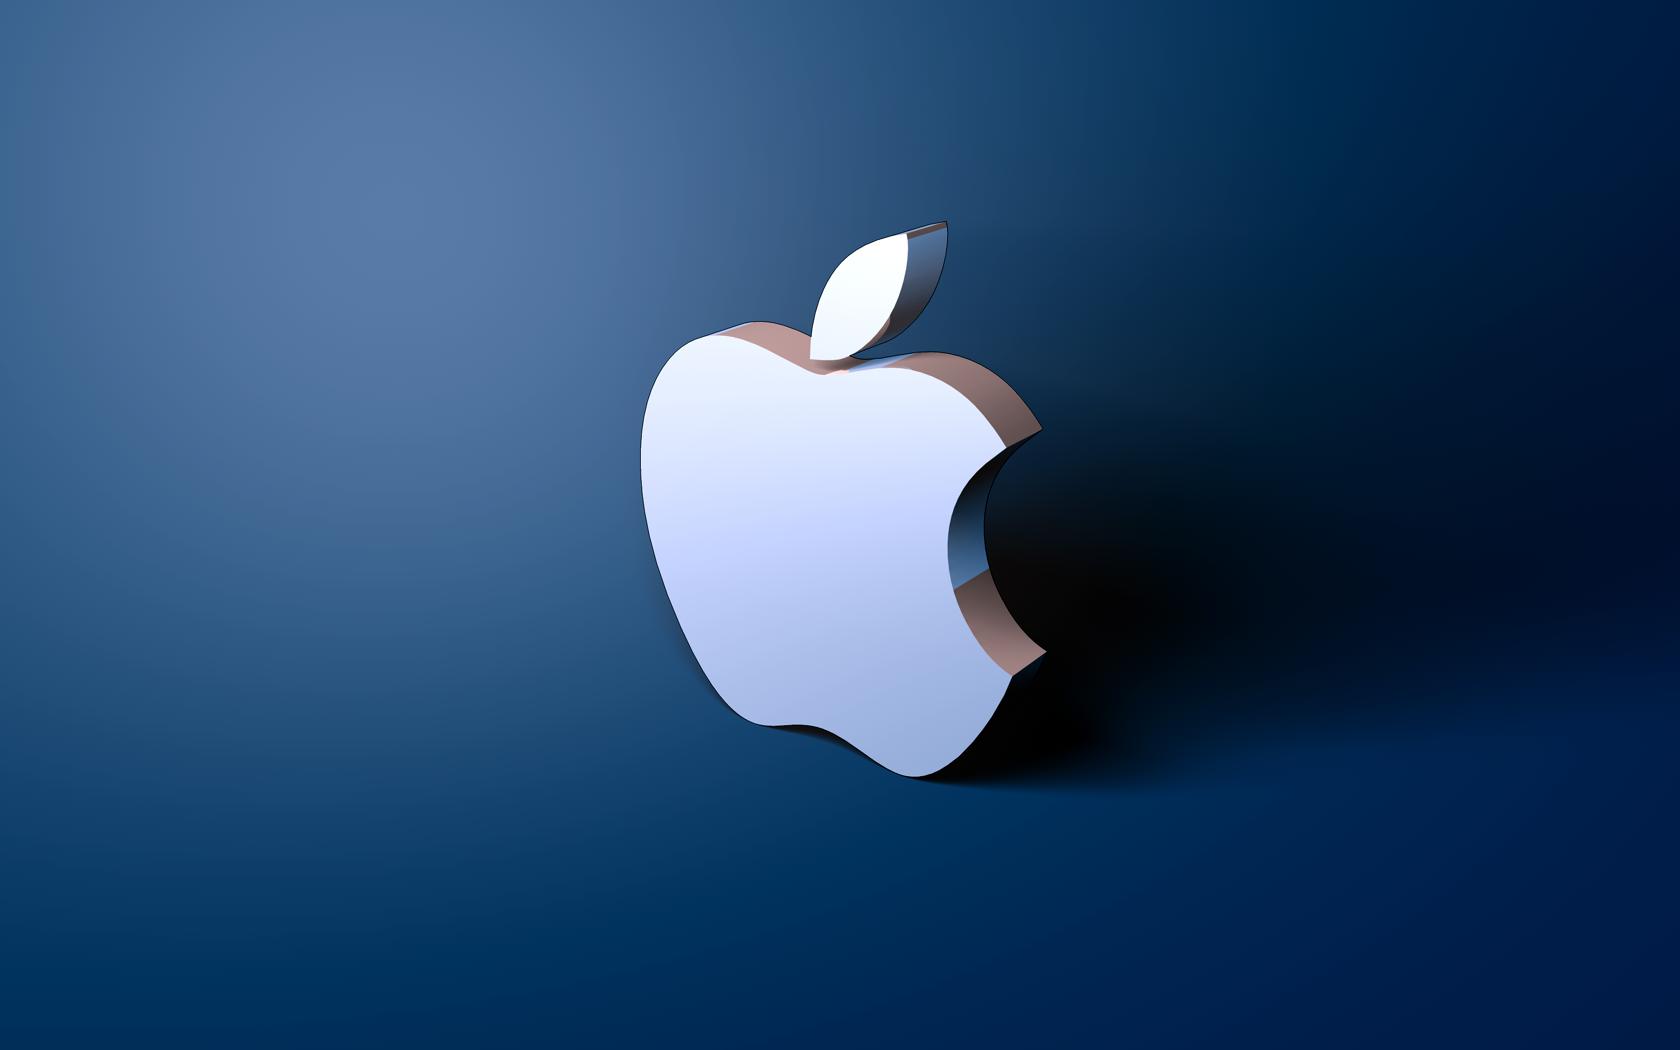 Apple создаст гарнитуру дополненной реальности